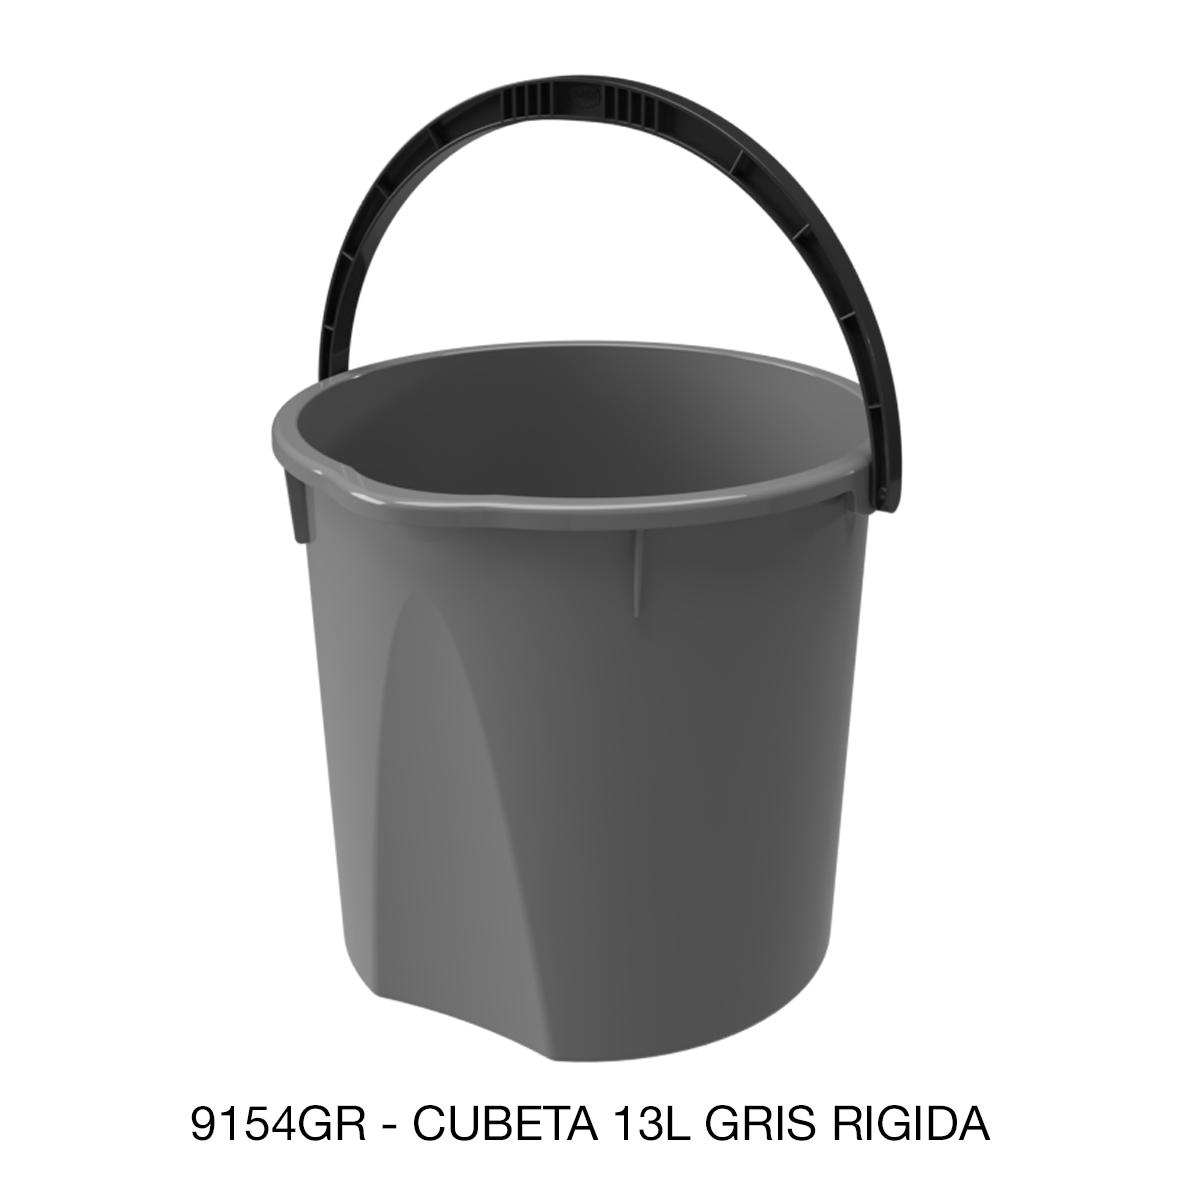 Cubeta rígida de 13 litros color gris modelo 9154GR de Sablón